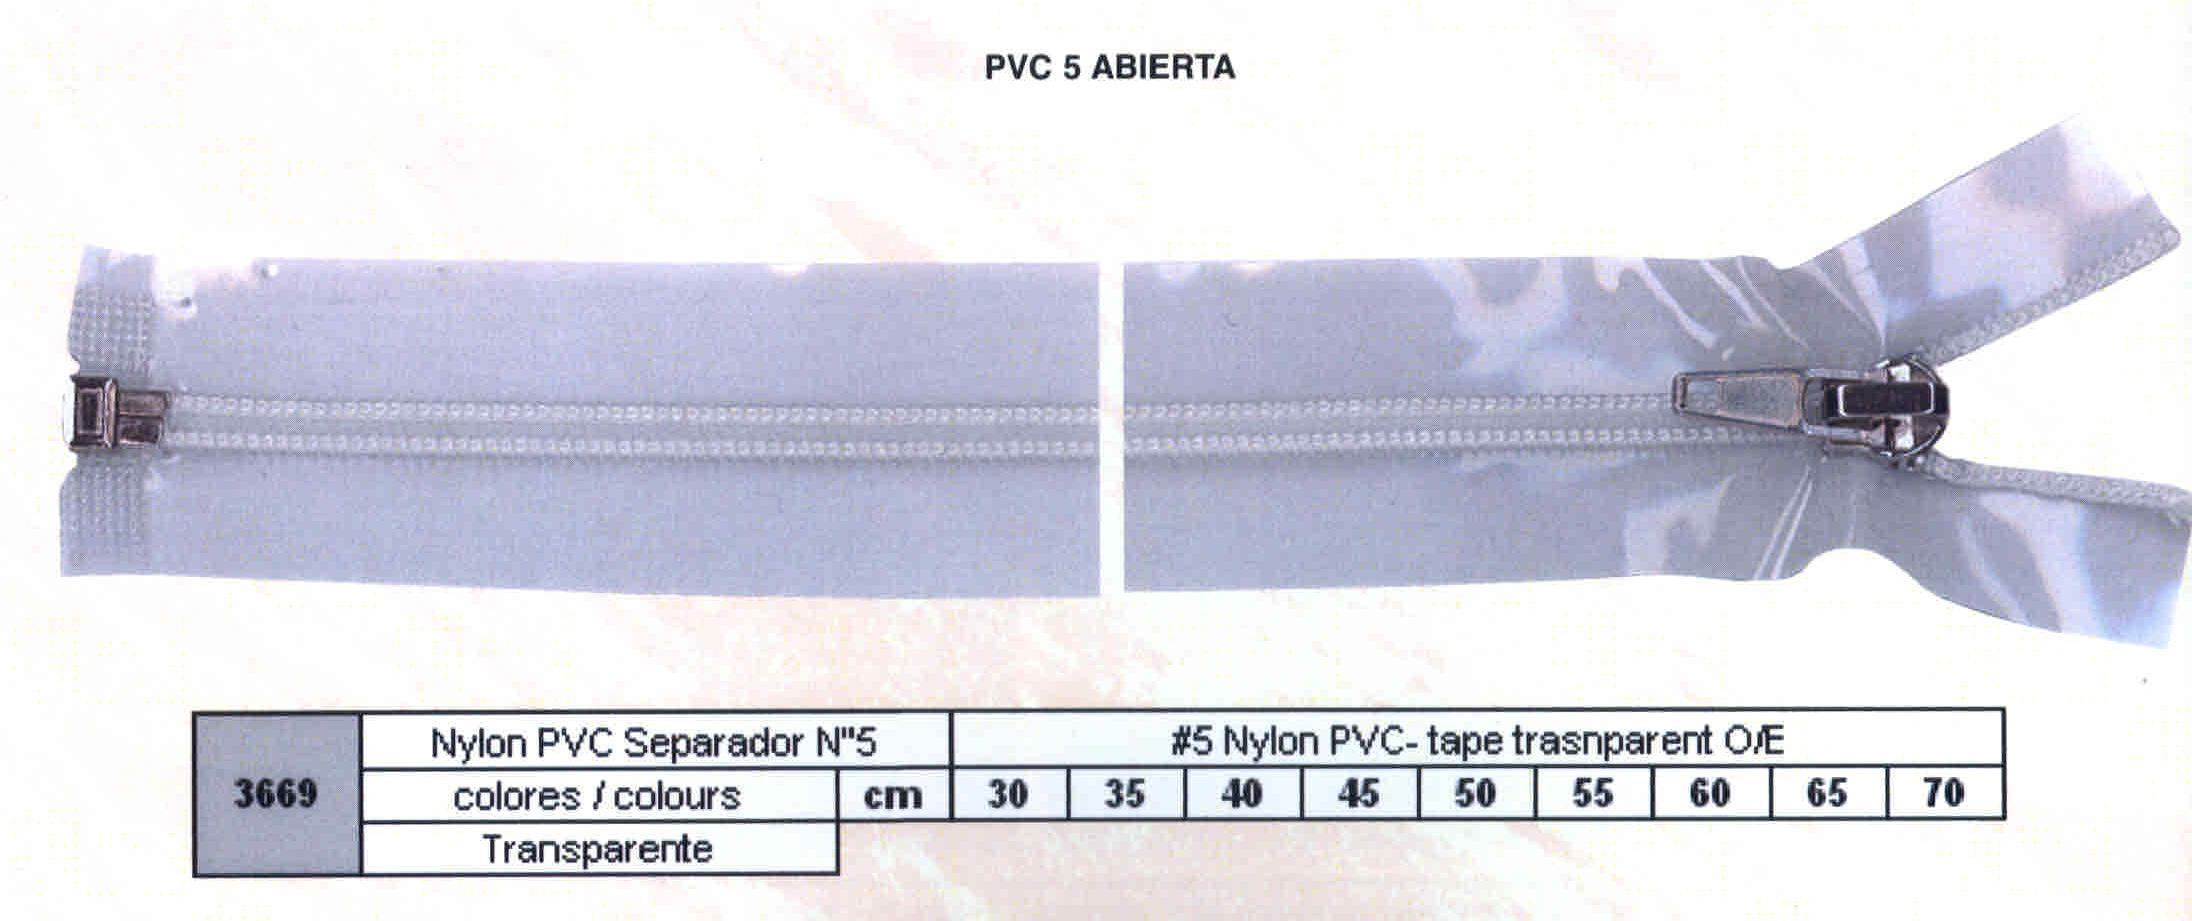 Cremallera SNS Nylon PVC Separador num. 5